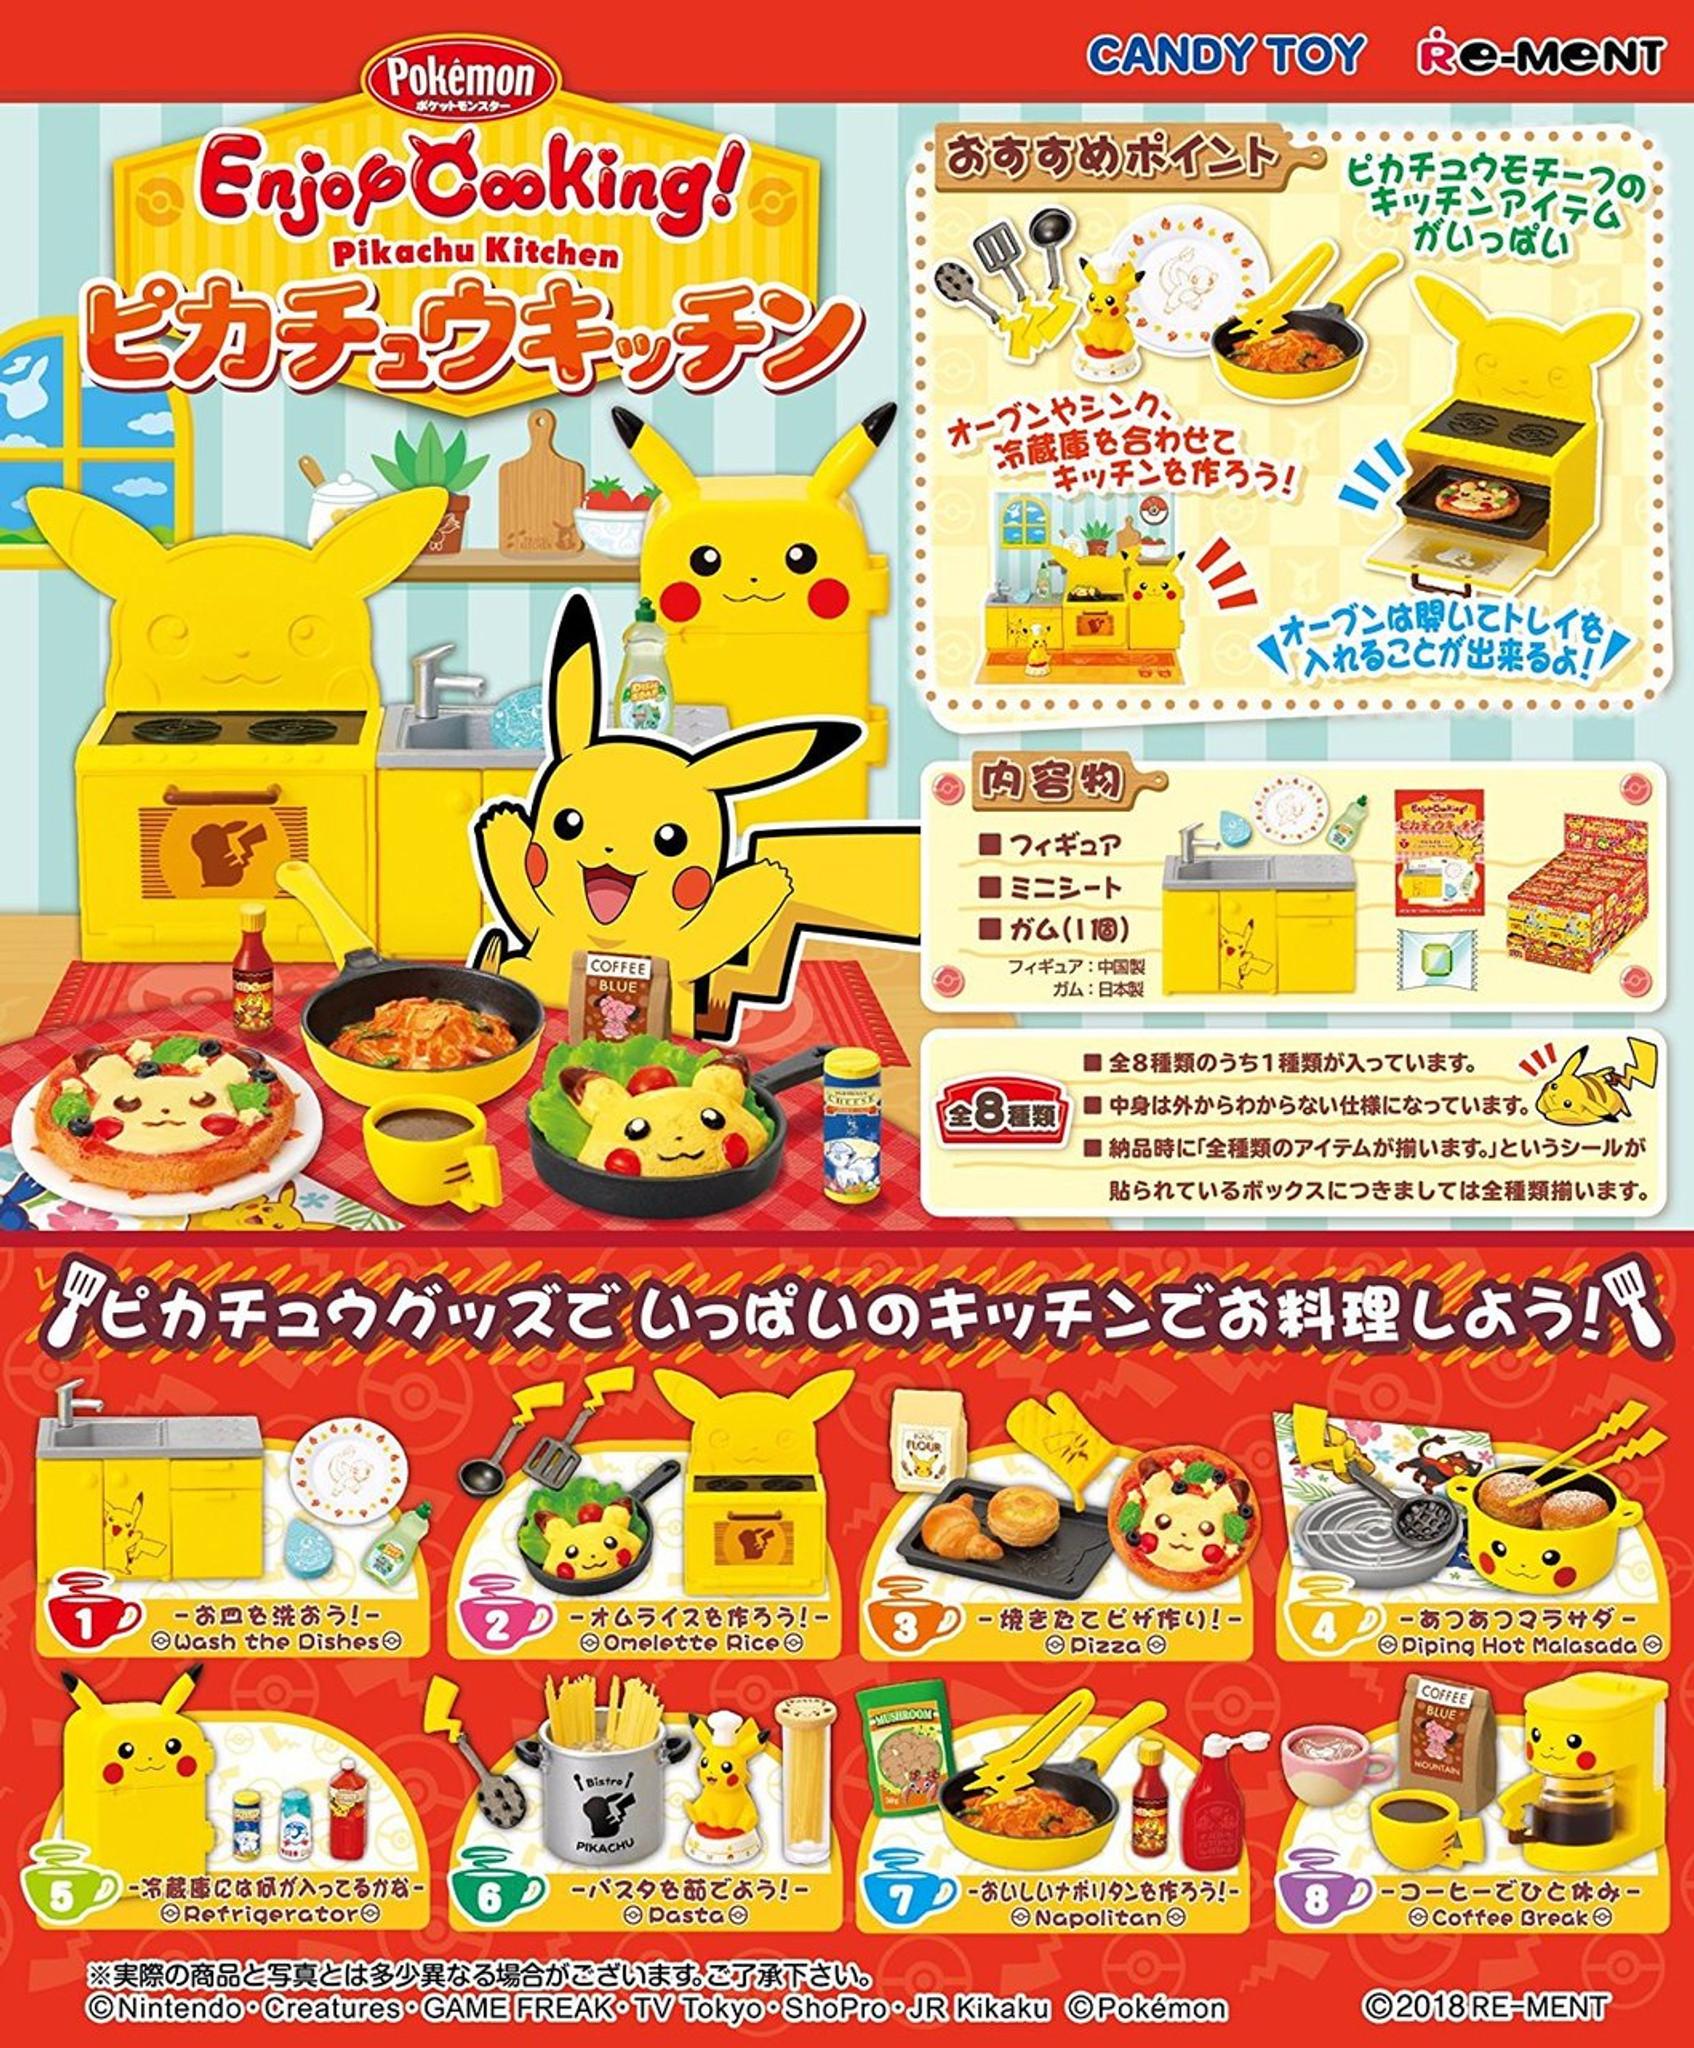 Re Ment Kitchen Set: Re-ment 204192 Pokemon Enjoy Cooking! Pikachu K